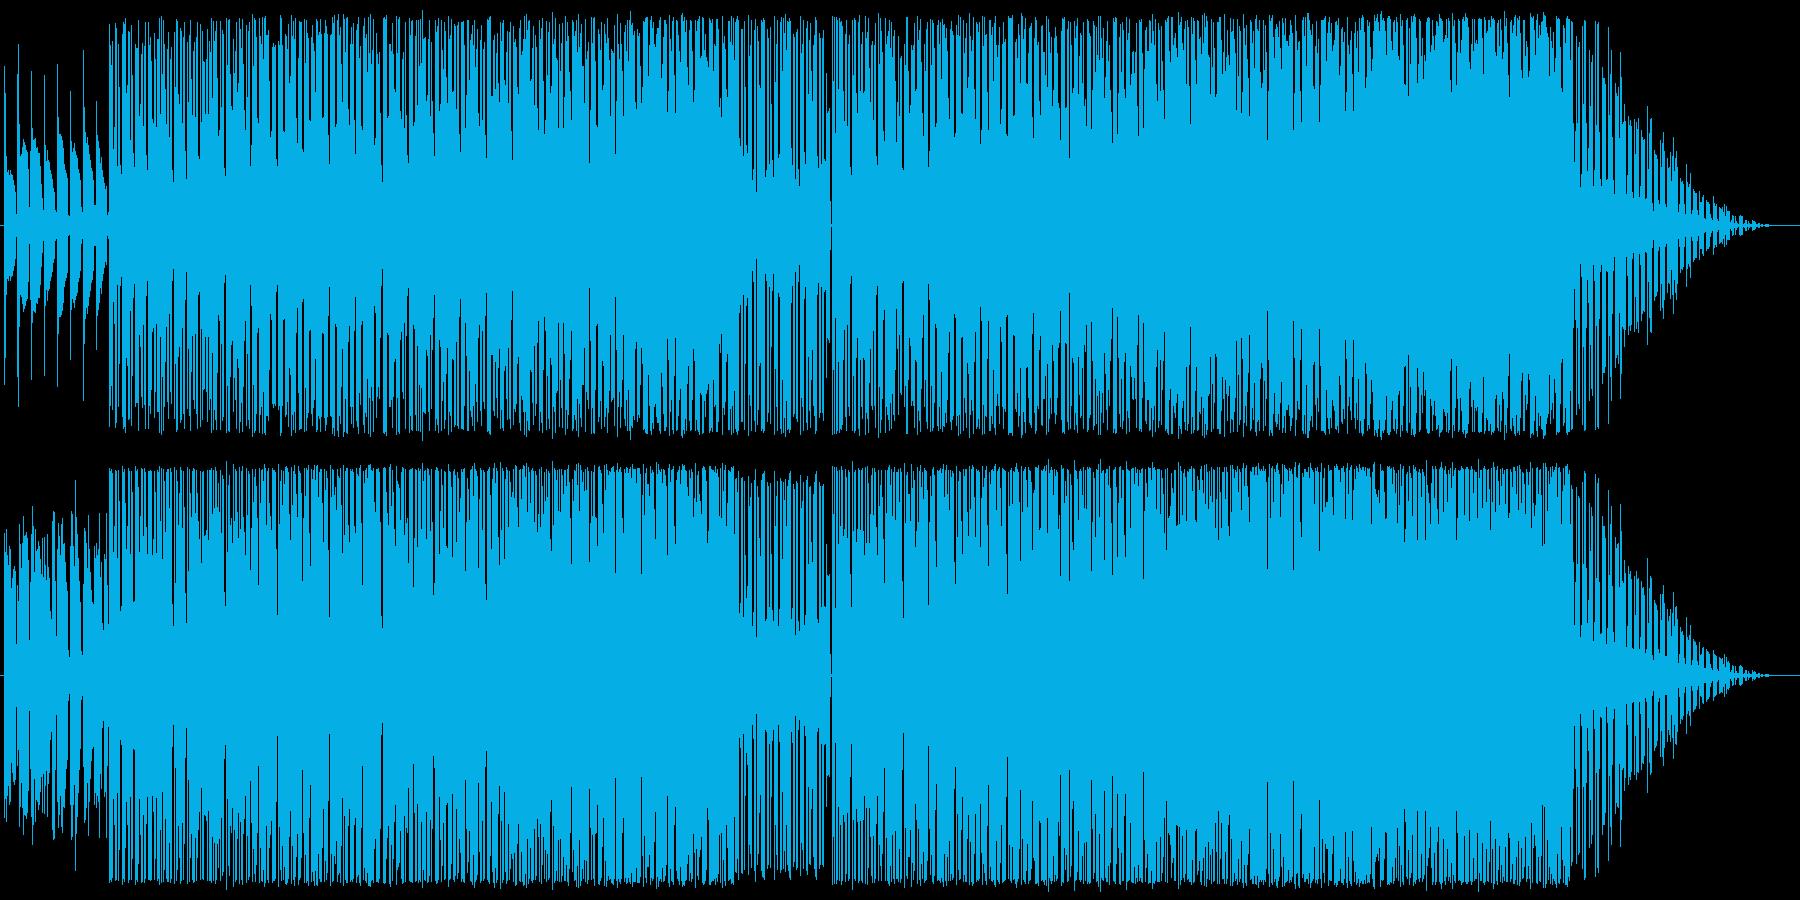 ローズをメインとしたインスト楽曲の再生済みの波形